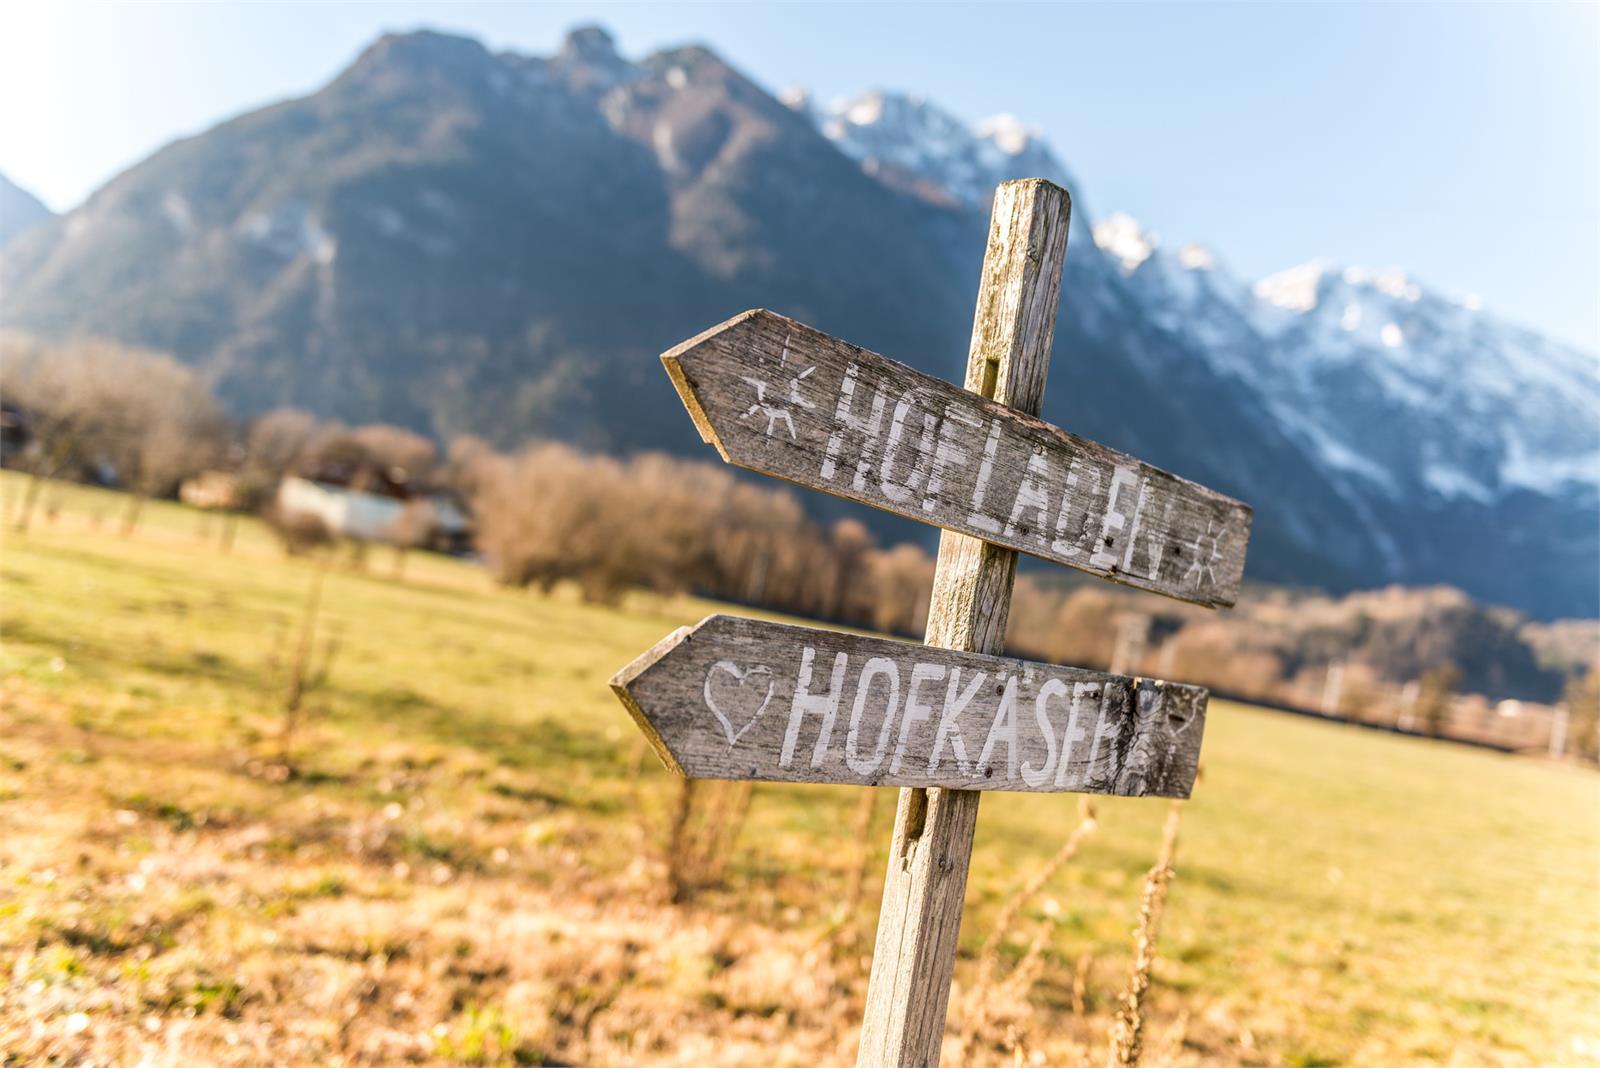 Hofladen Schilder   ©Salzburgerland Tourismus - Achim Meurer